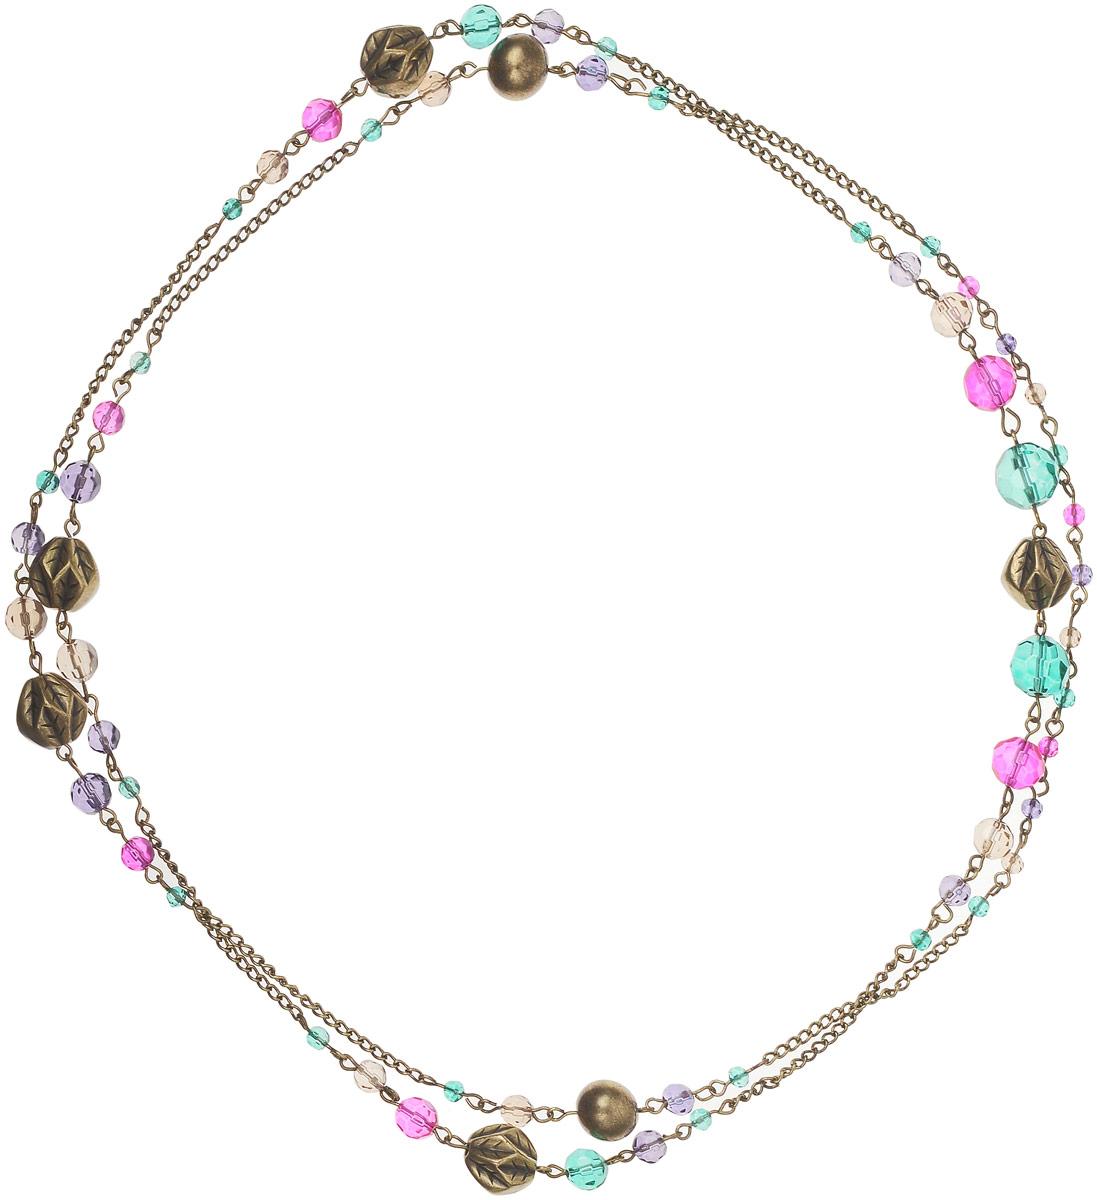 Ожерелье Art-Silver, цвет: золотой. 44097-39644097-396Ожерелье Art-Silver выполнено из бижутерного сплава, оформлено крупными бусинами и кристаллами. Модель застегивается на карабин и регулируется по длине.